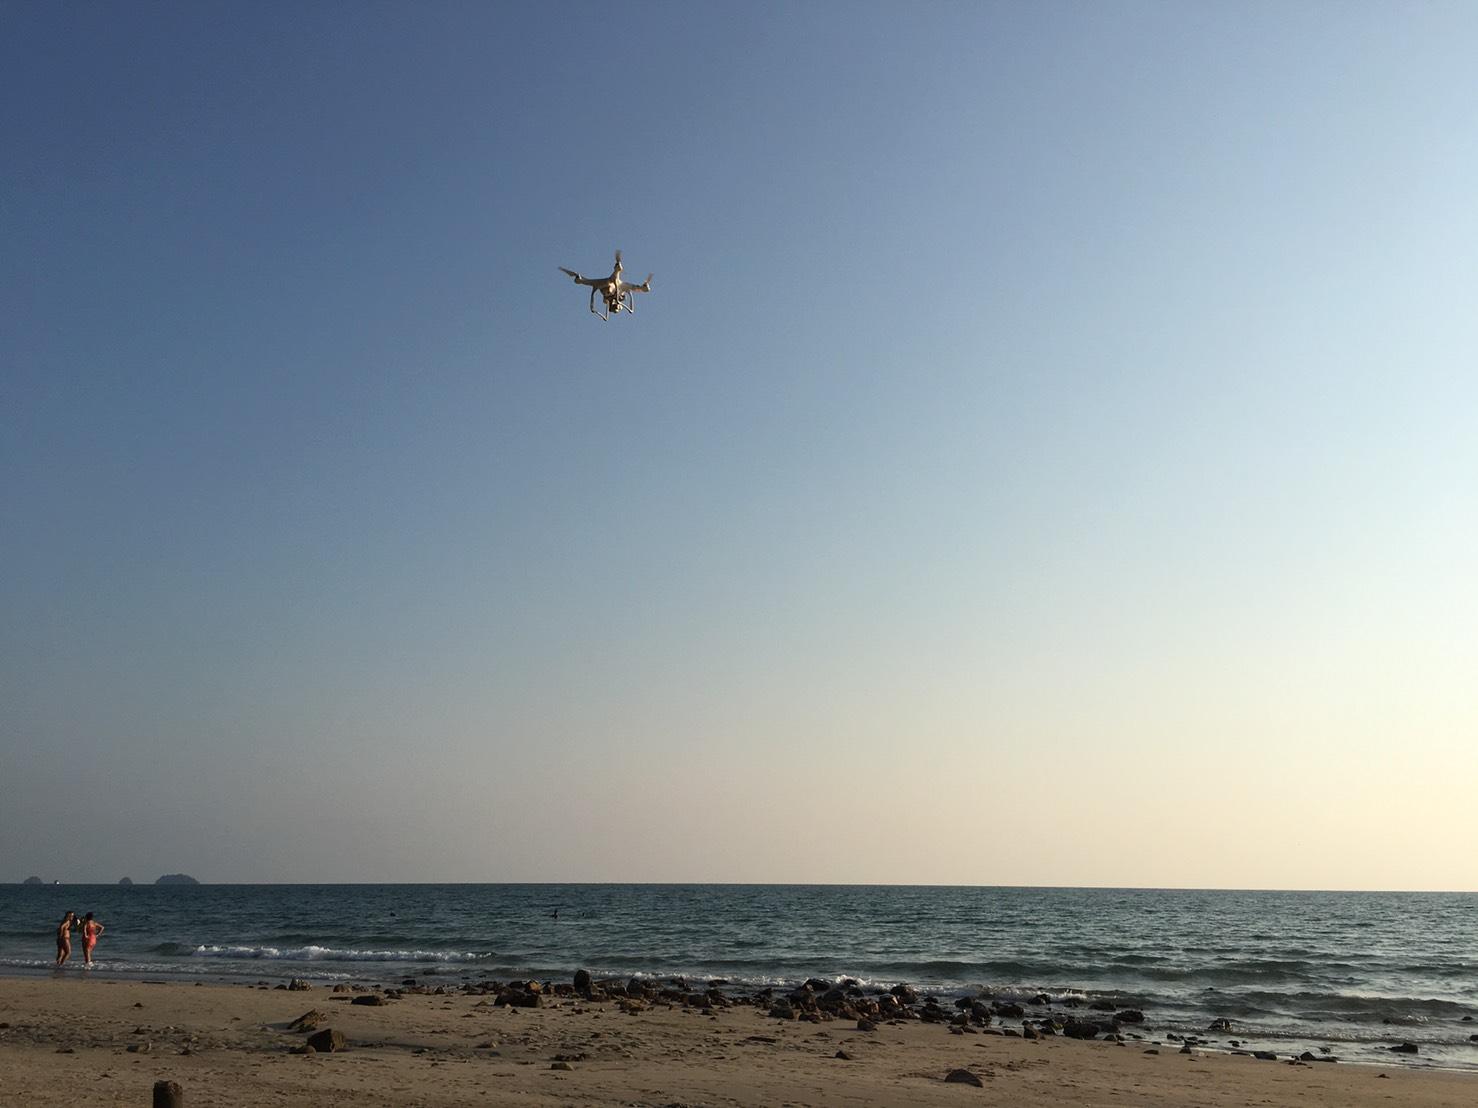 dji drone zone    1600 x 1093